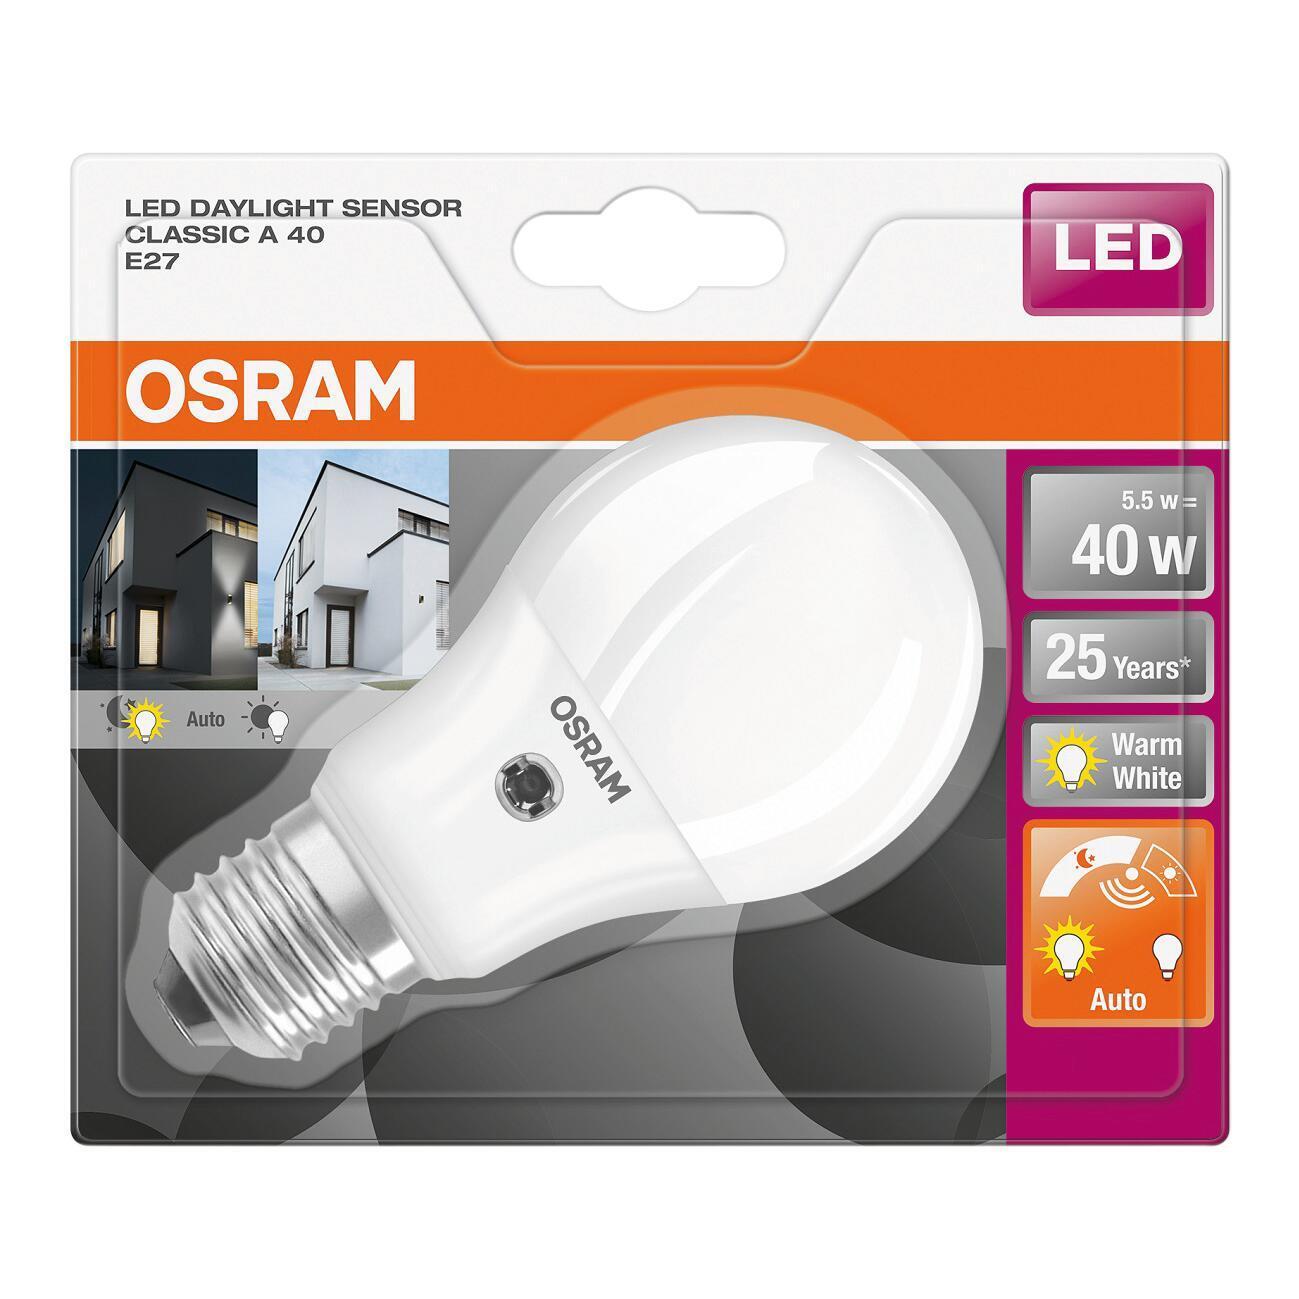 Lampadina LED, E27, Goccia, Opaco, Luce calda, 5.5W=470LM (equiv 40 W), 200° , OSRAM - 3